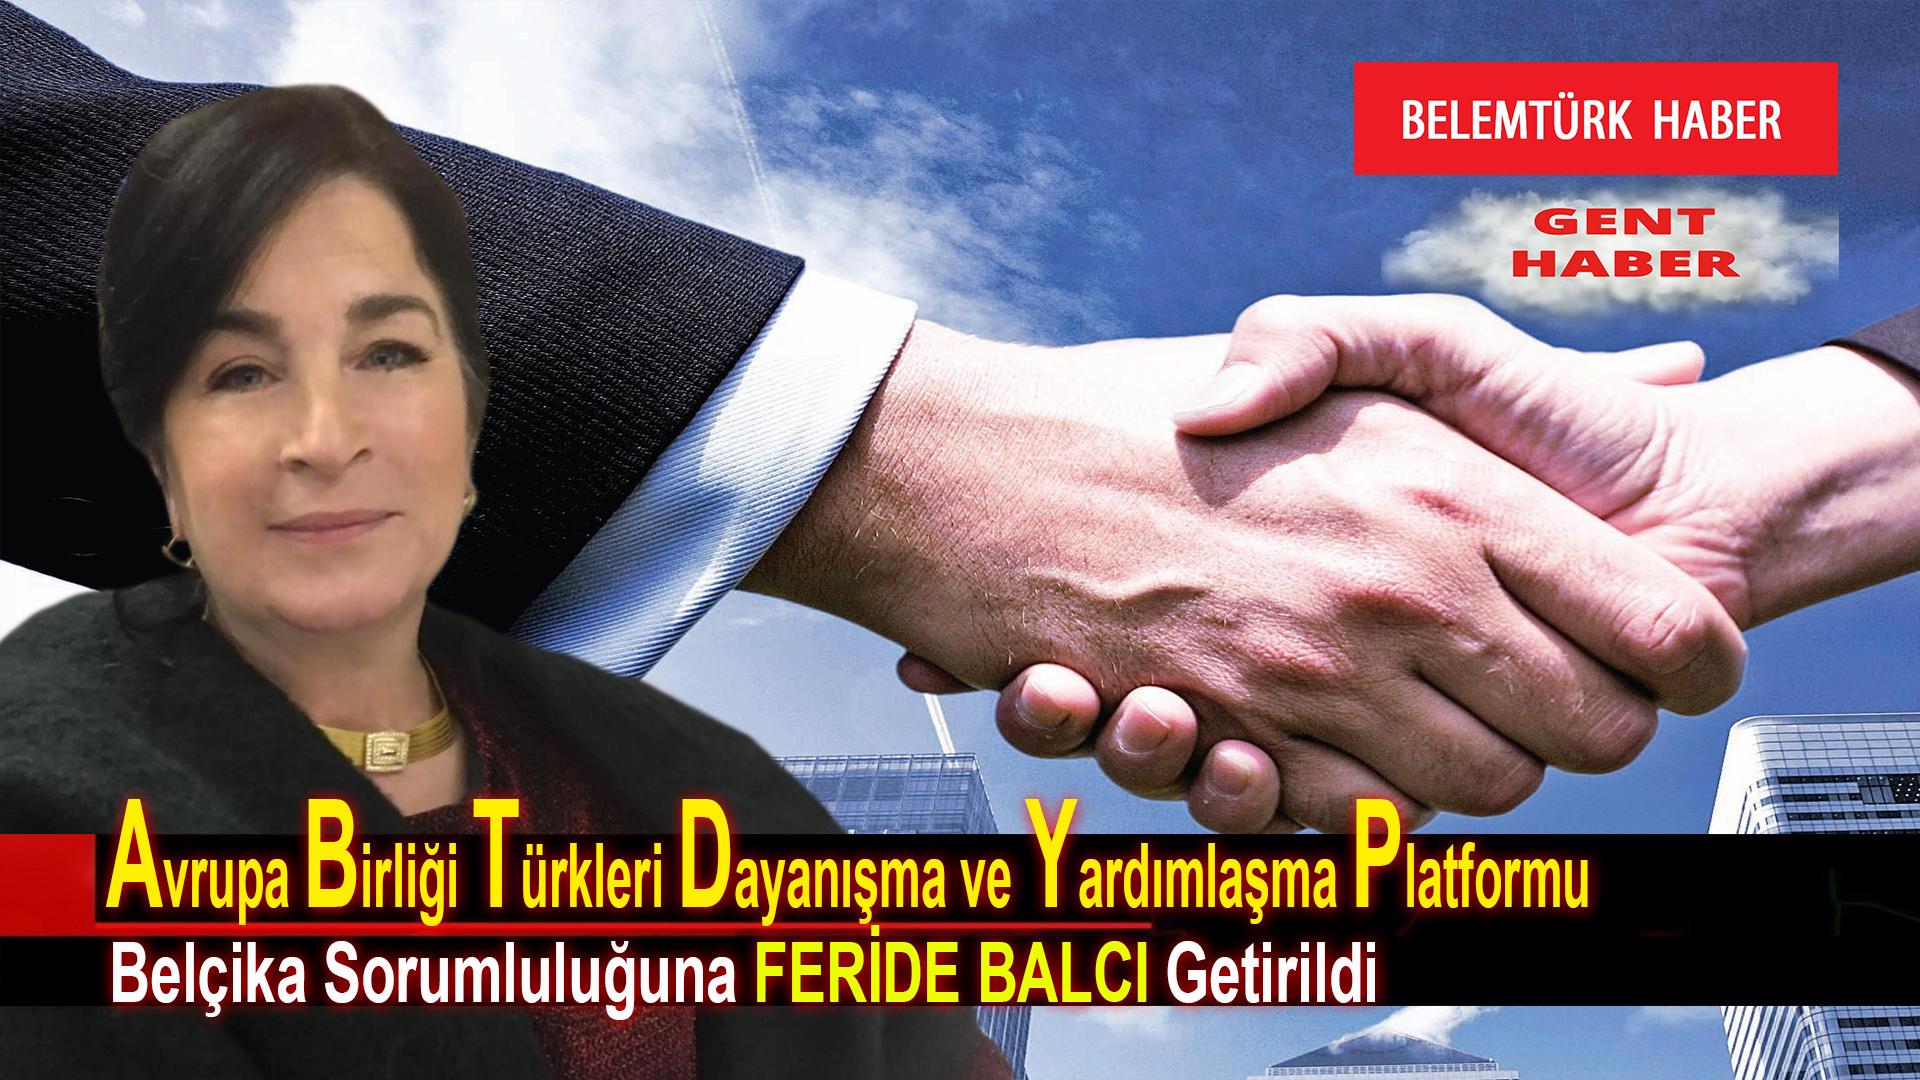 AB Türkleri Kültür Dayanışma ve Yardımlaşma Platformu Belçika Sorumluluğuna Feride Balcı getirildi.